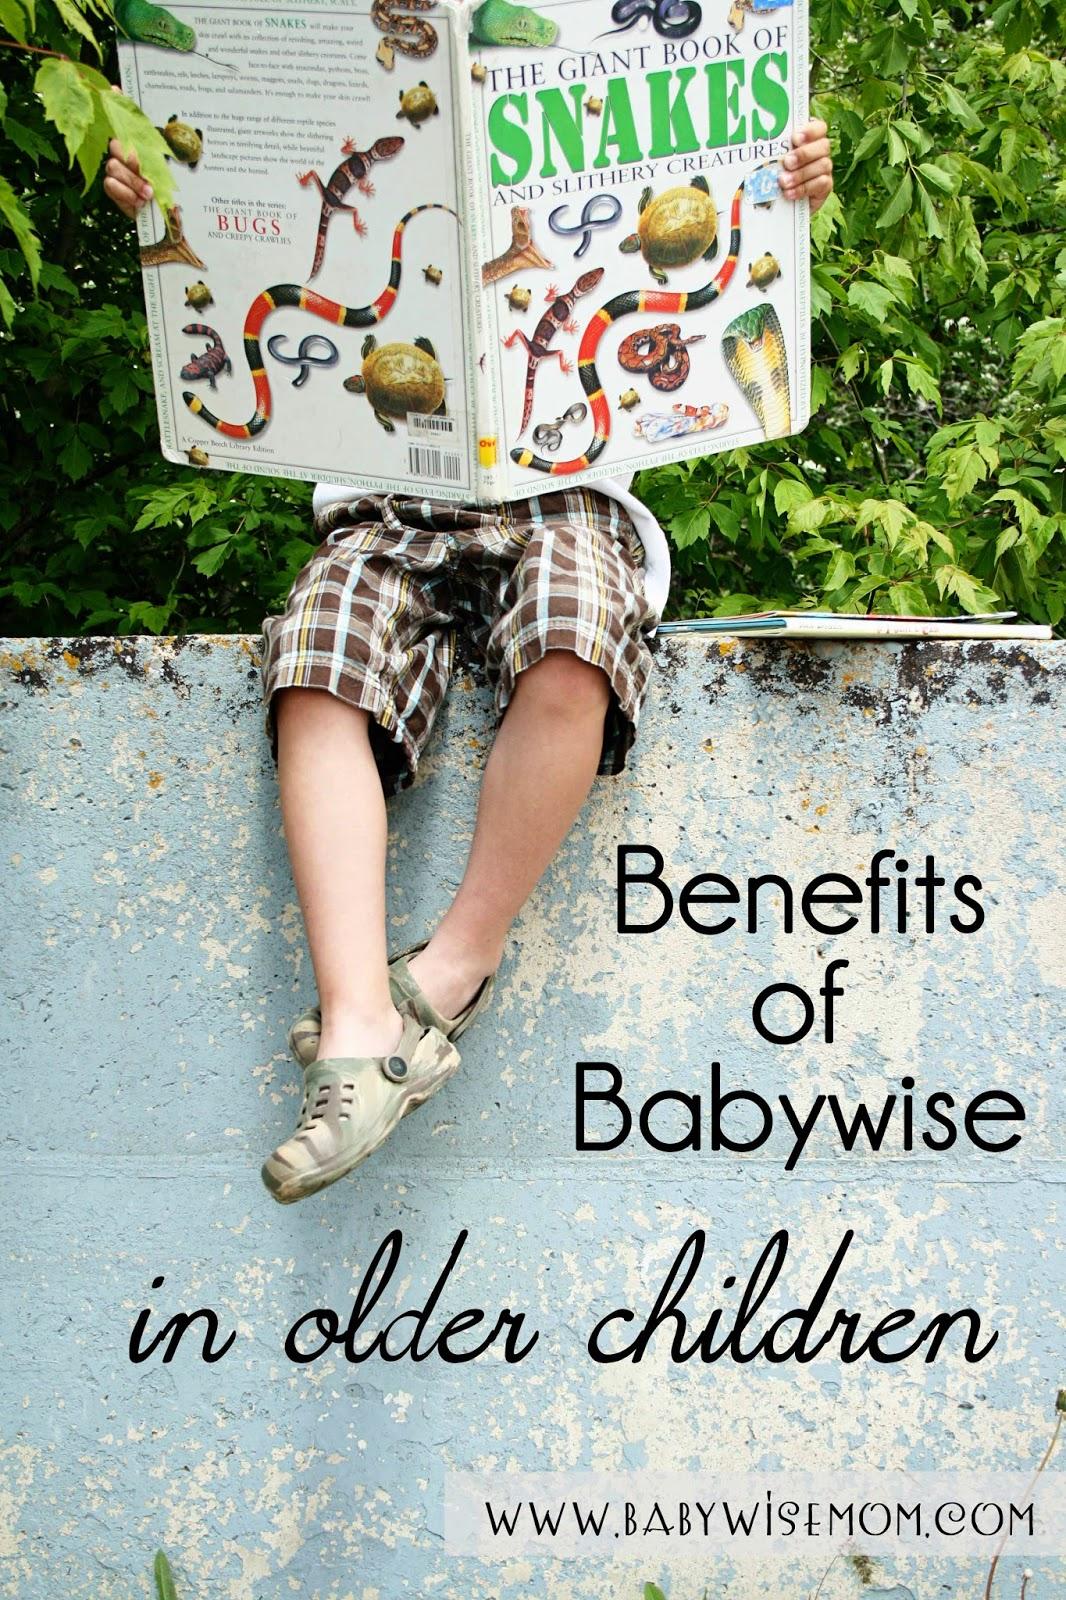 Benefits of Babywise in older children